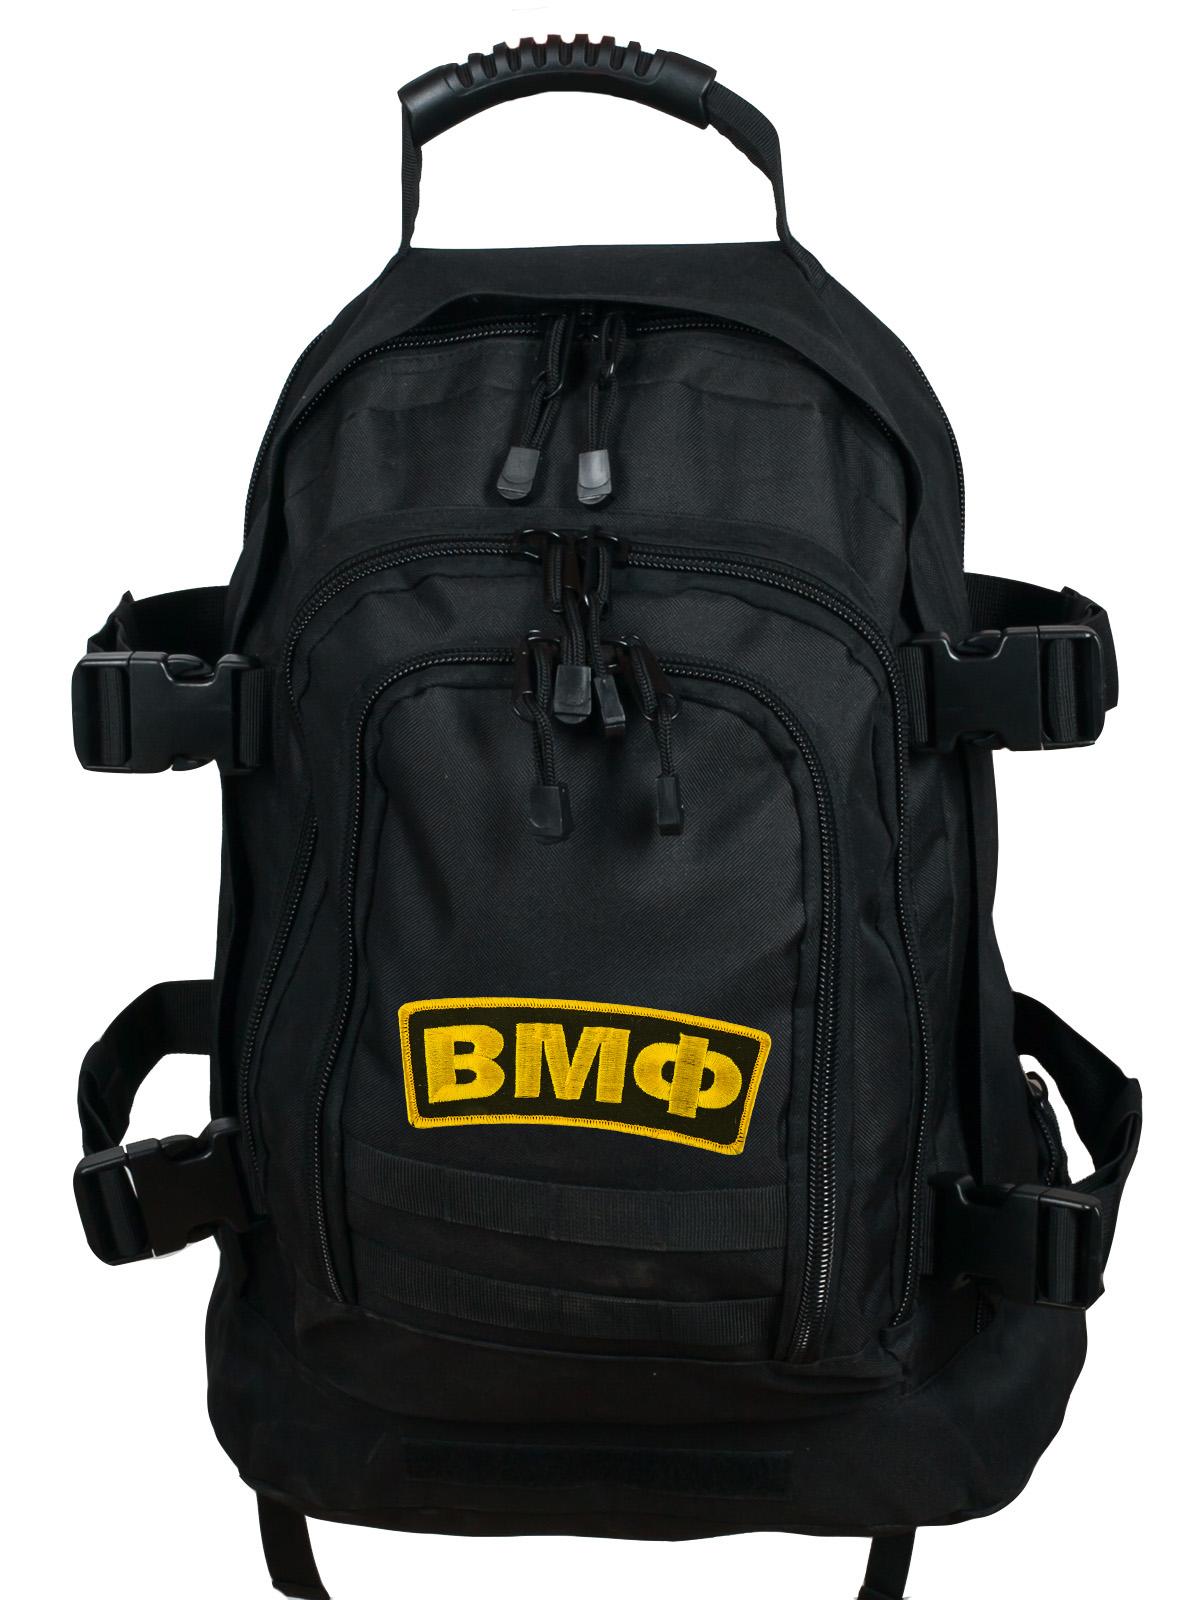 Черный универсальный рюкзак с нашивкой ВМФ - заказать онлайн